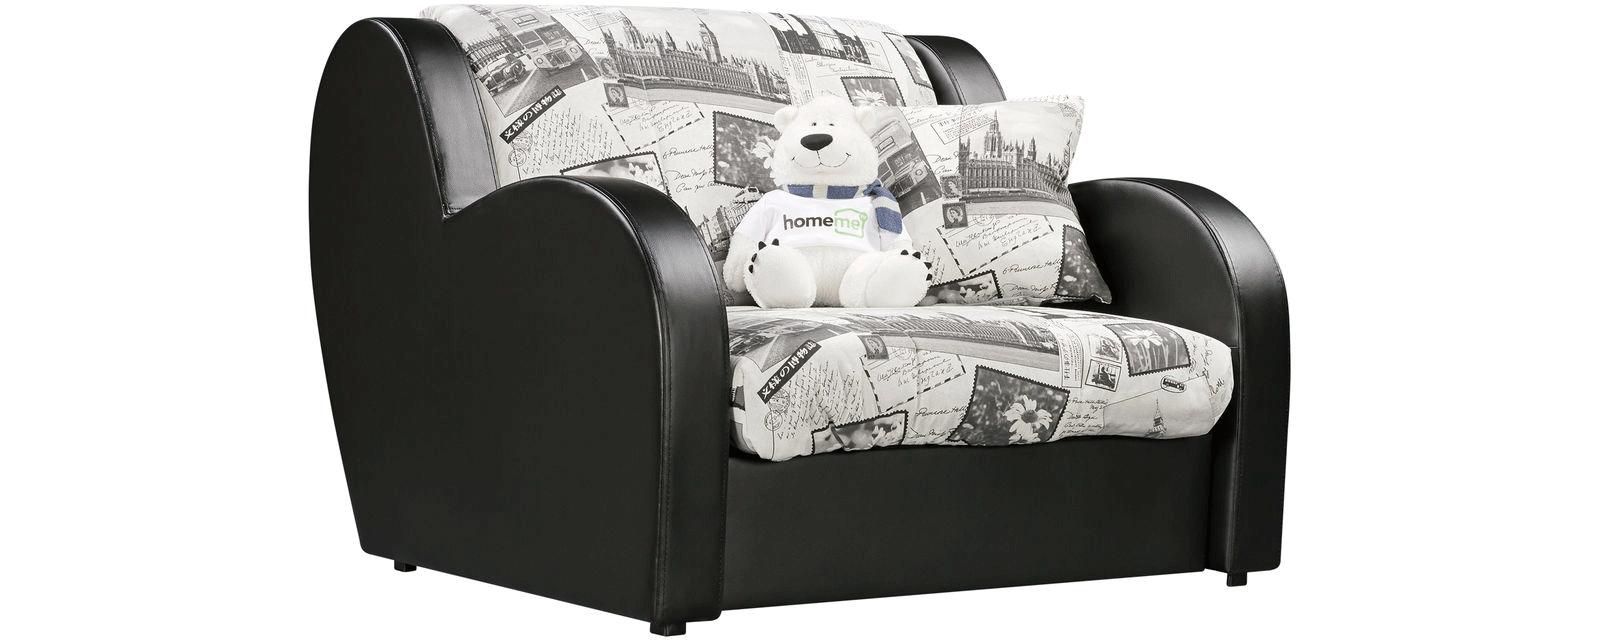 Кресло тканевое Барон Gazeta вариант №1 (Ткань + Экокожа) Барон